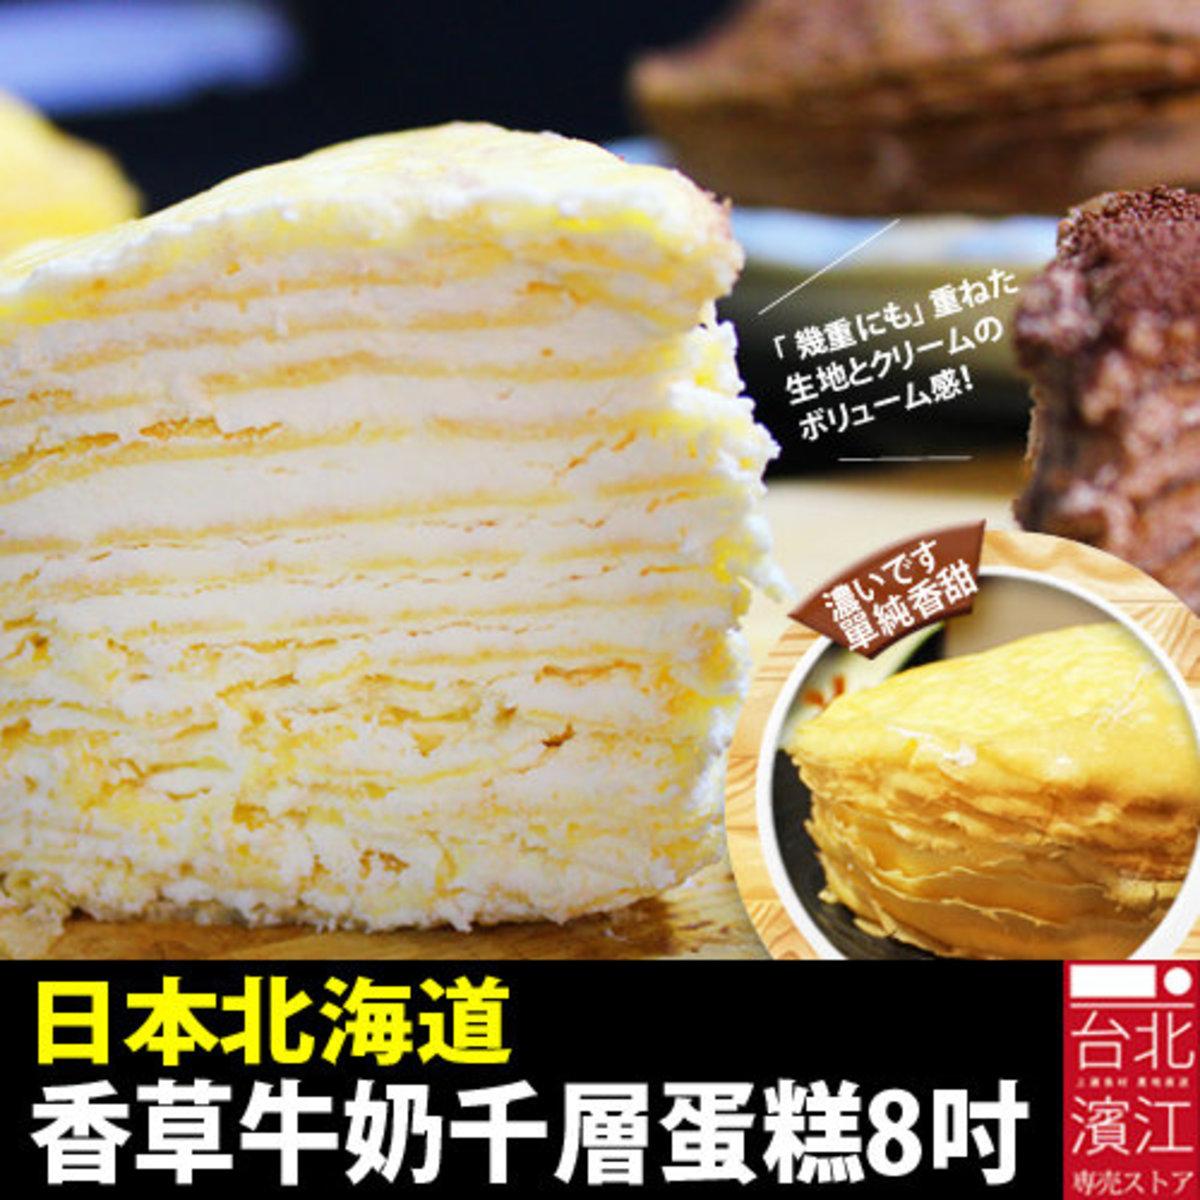 北海道雲呢拿味千層蛋糕4件